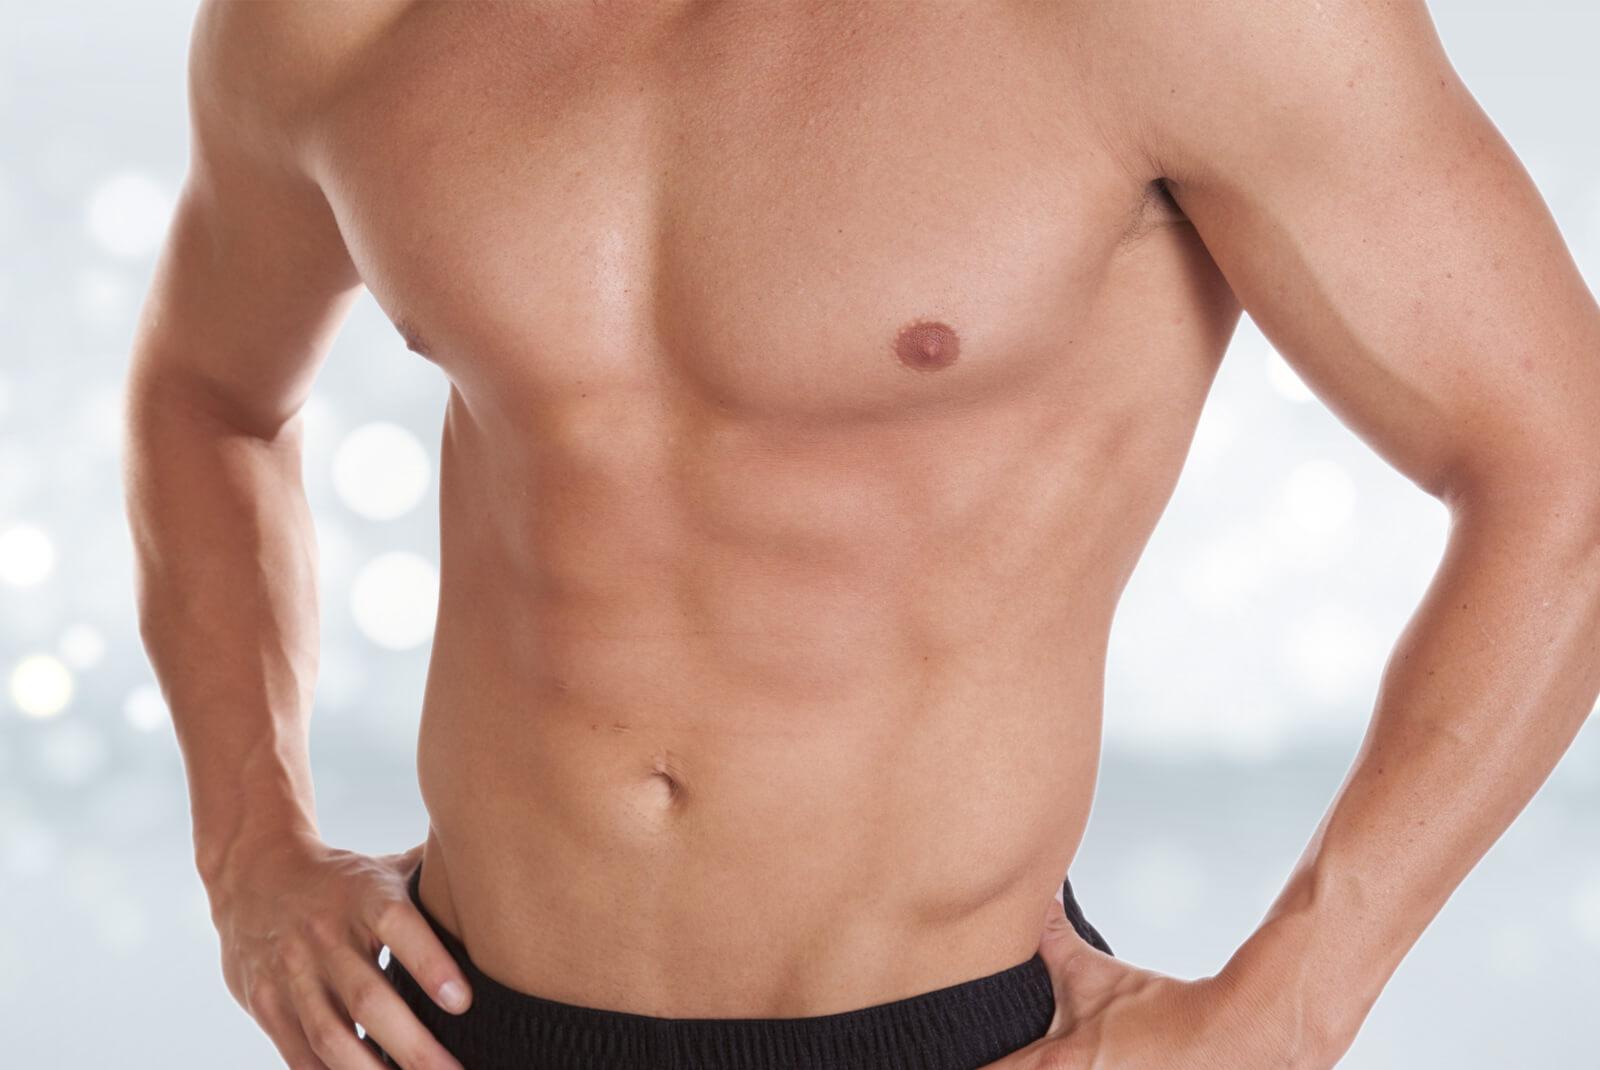 Gynécomastie, une augmentation du volume de la glande mammaire chez l'homme.